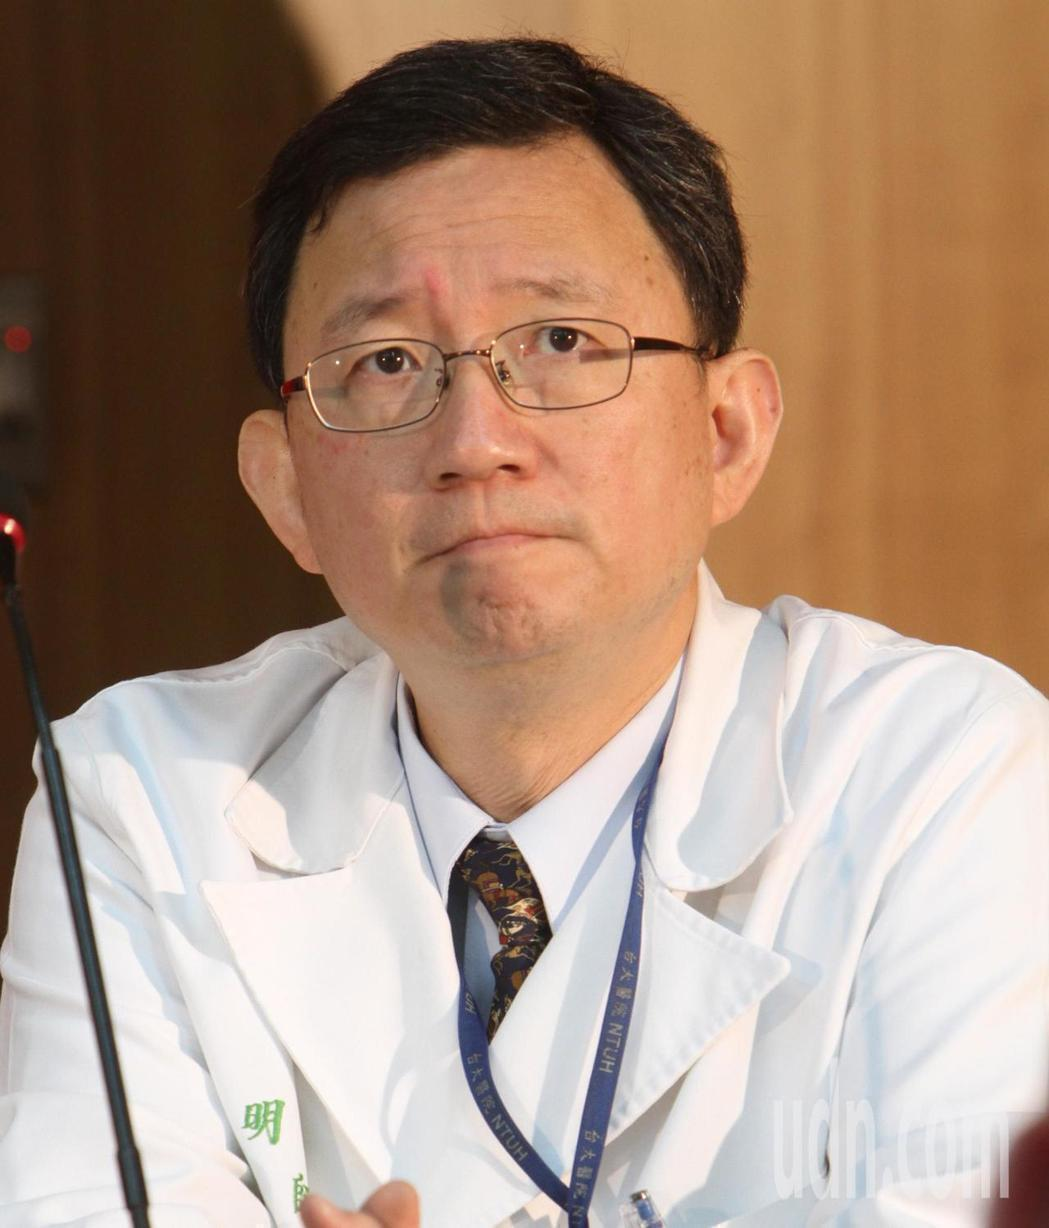 支持以核養綠,核四啟封的台大醫院前副院長王明鉅說,在情感上他一點也不愛核能,他只...